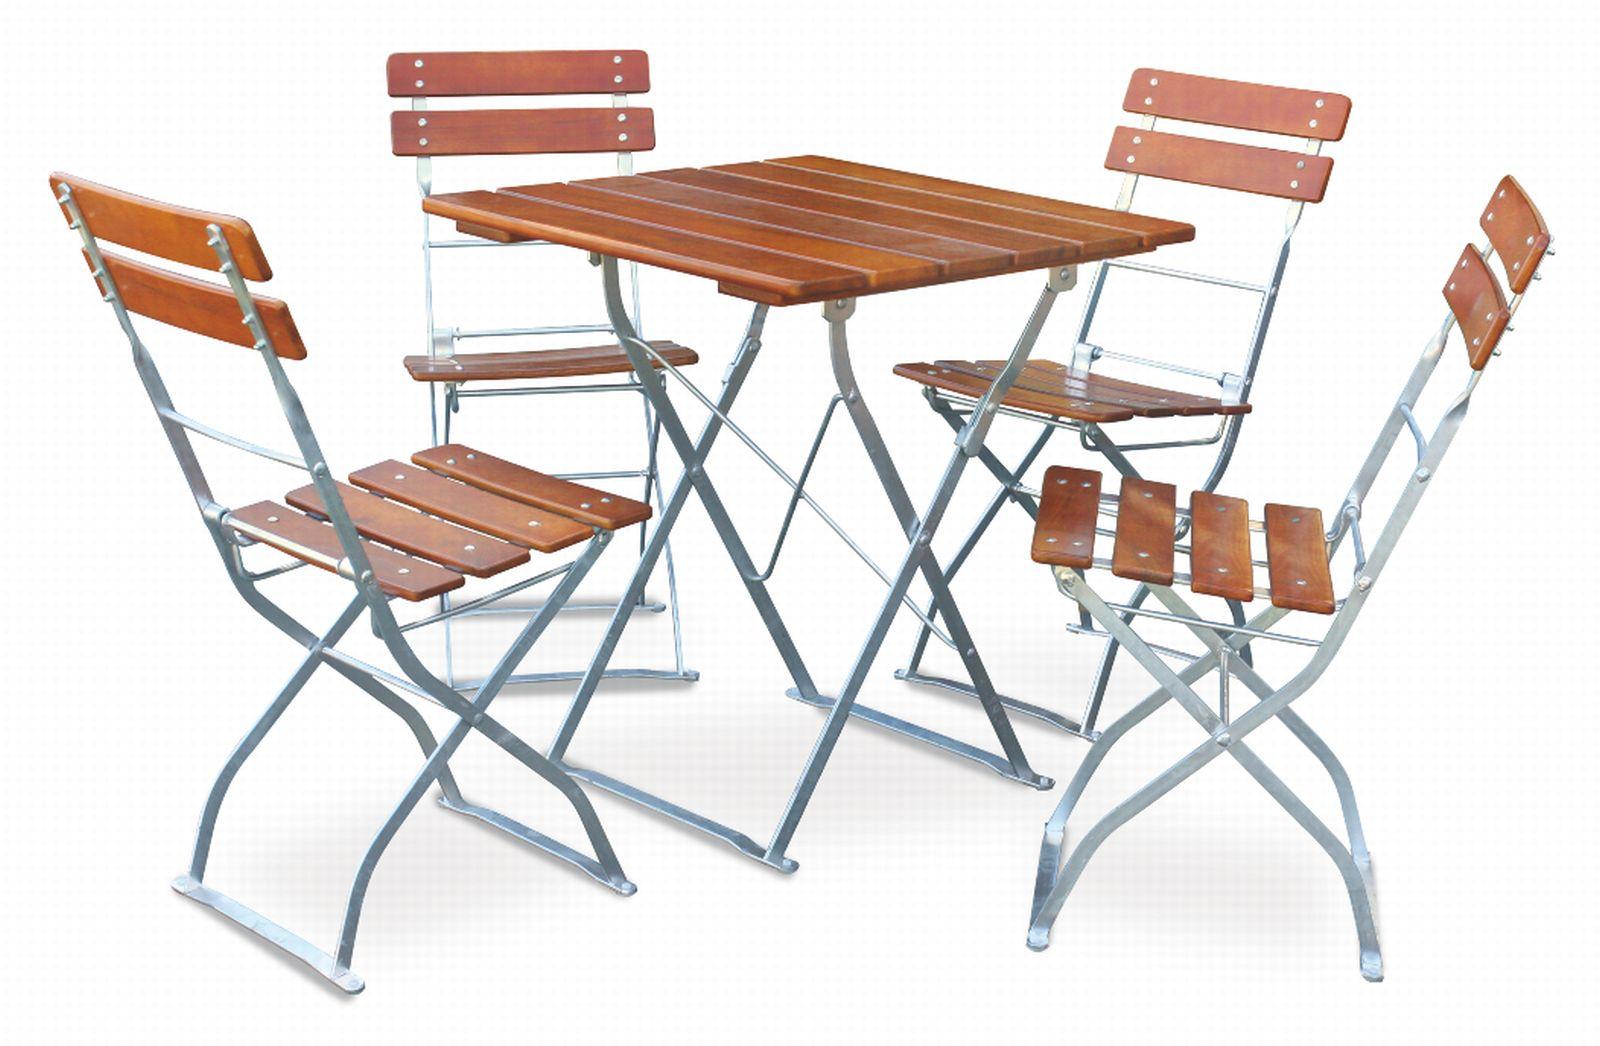 EuroLiving-Biergartengarnitur-Edition-Classic-ocker-verzinkt-1x-Tisch-70x70-4x-Stuhl